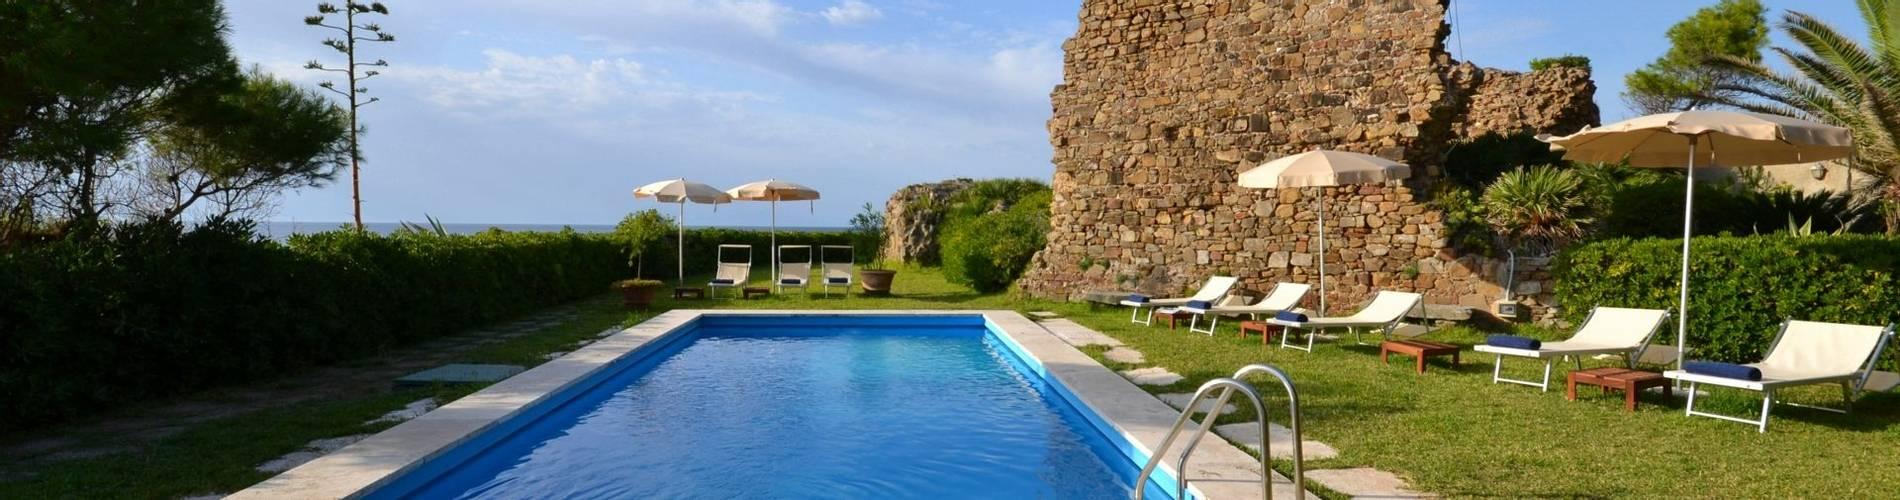 Villa Sirena 15.jpg